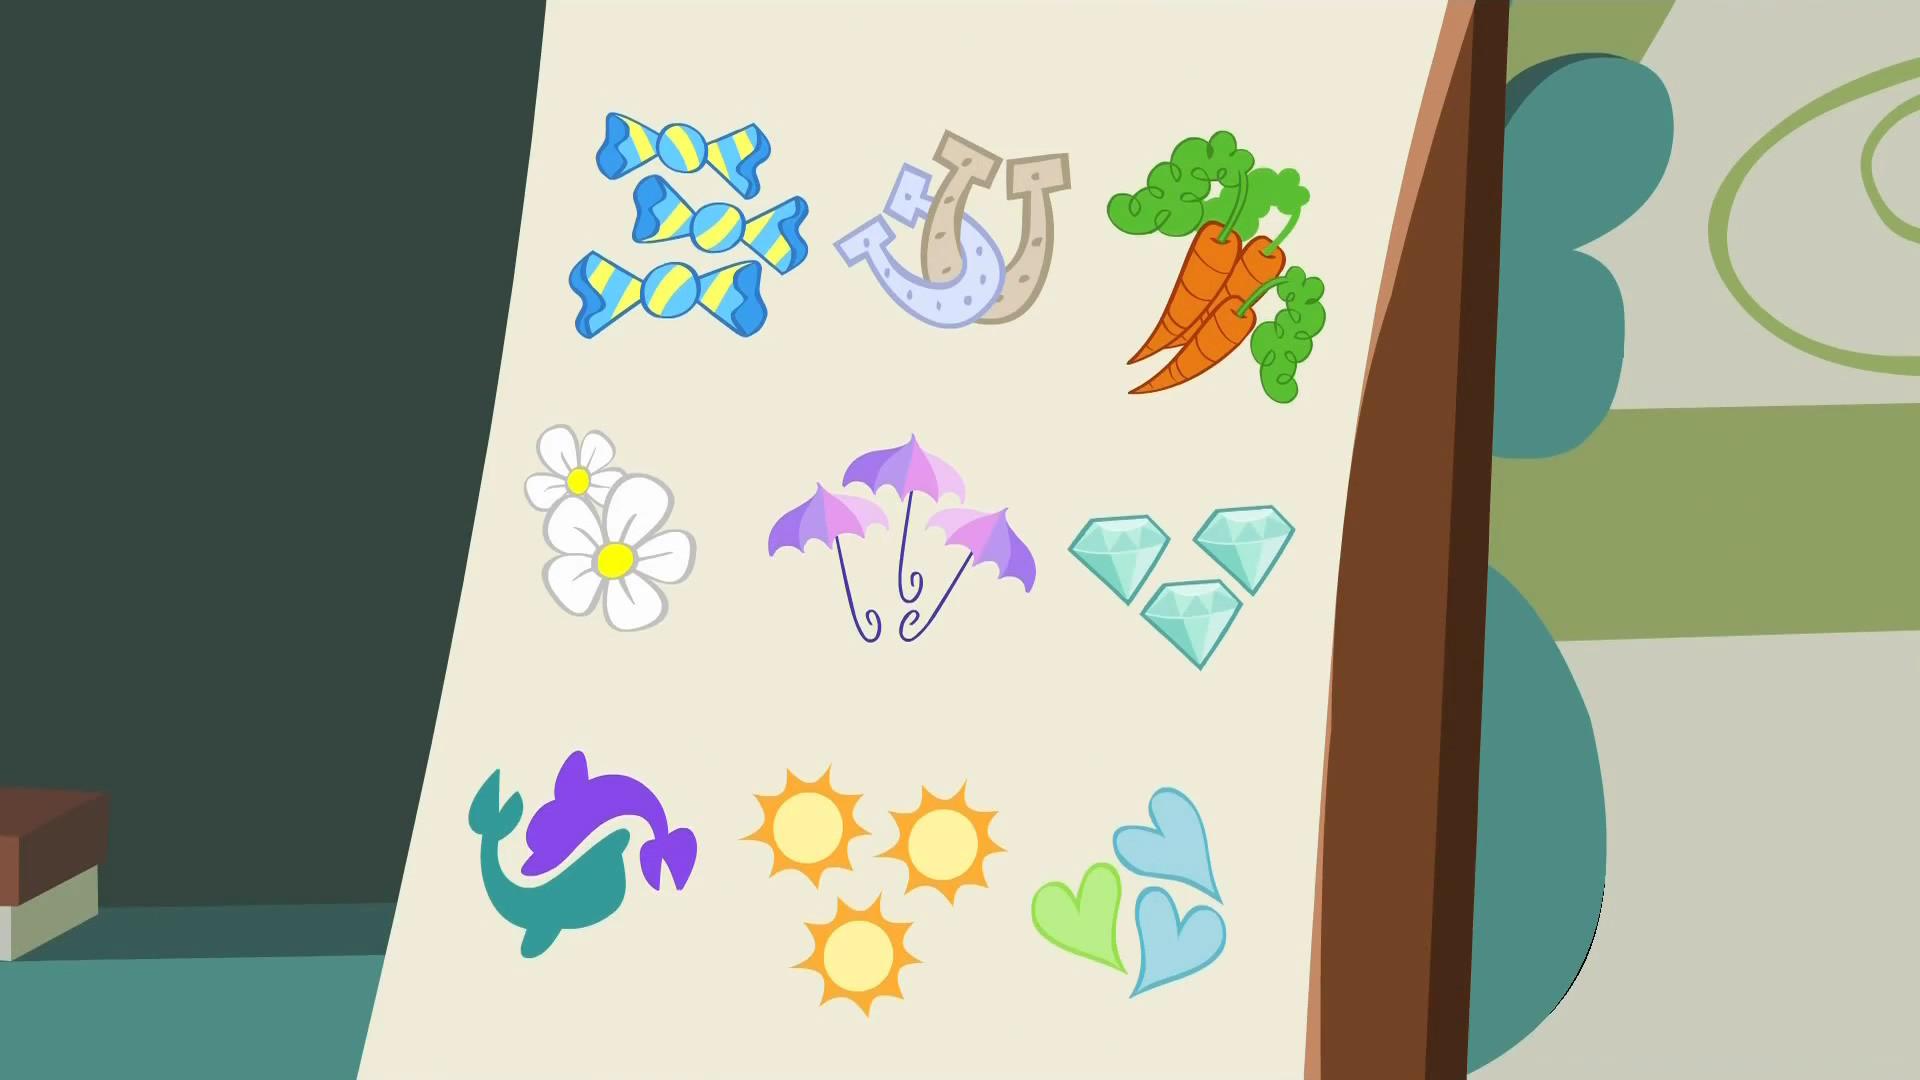 My Little Pony Friendship is Magic Ausmalbilder Genial 40 My Little Pony Friendship is Magic Ausmalbilder Scoredatscore Fotografieren